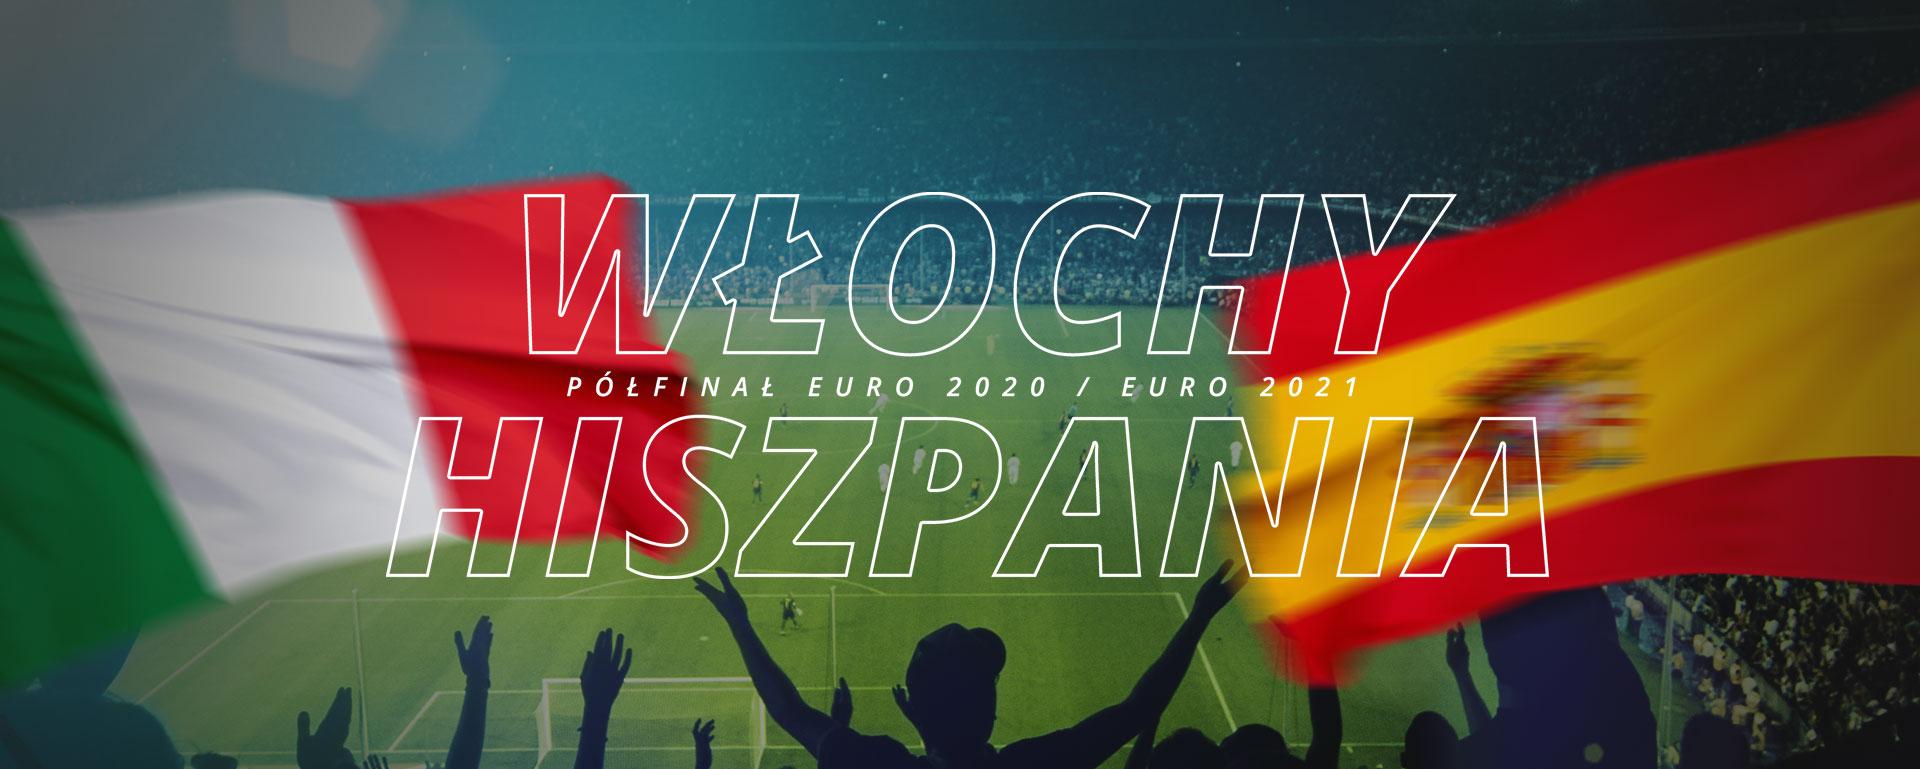 Włochy – Hiszpania | półfinał Euro 2020 / Euro 2021